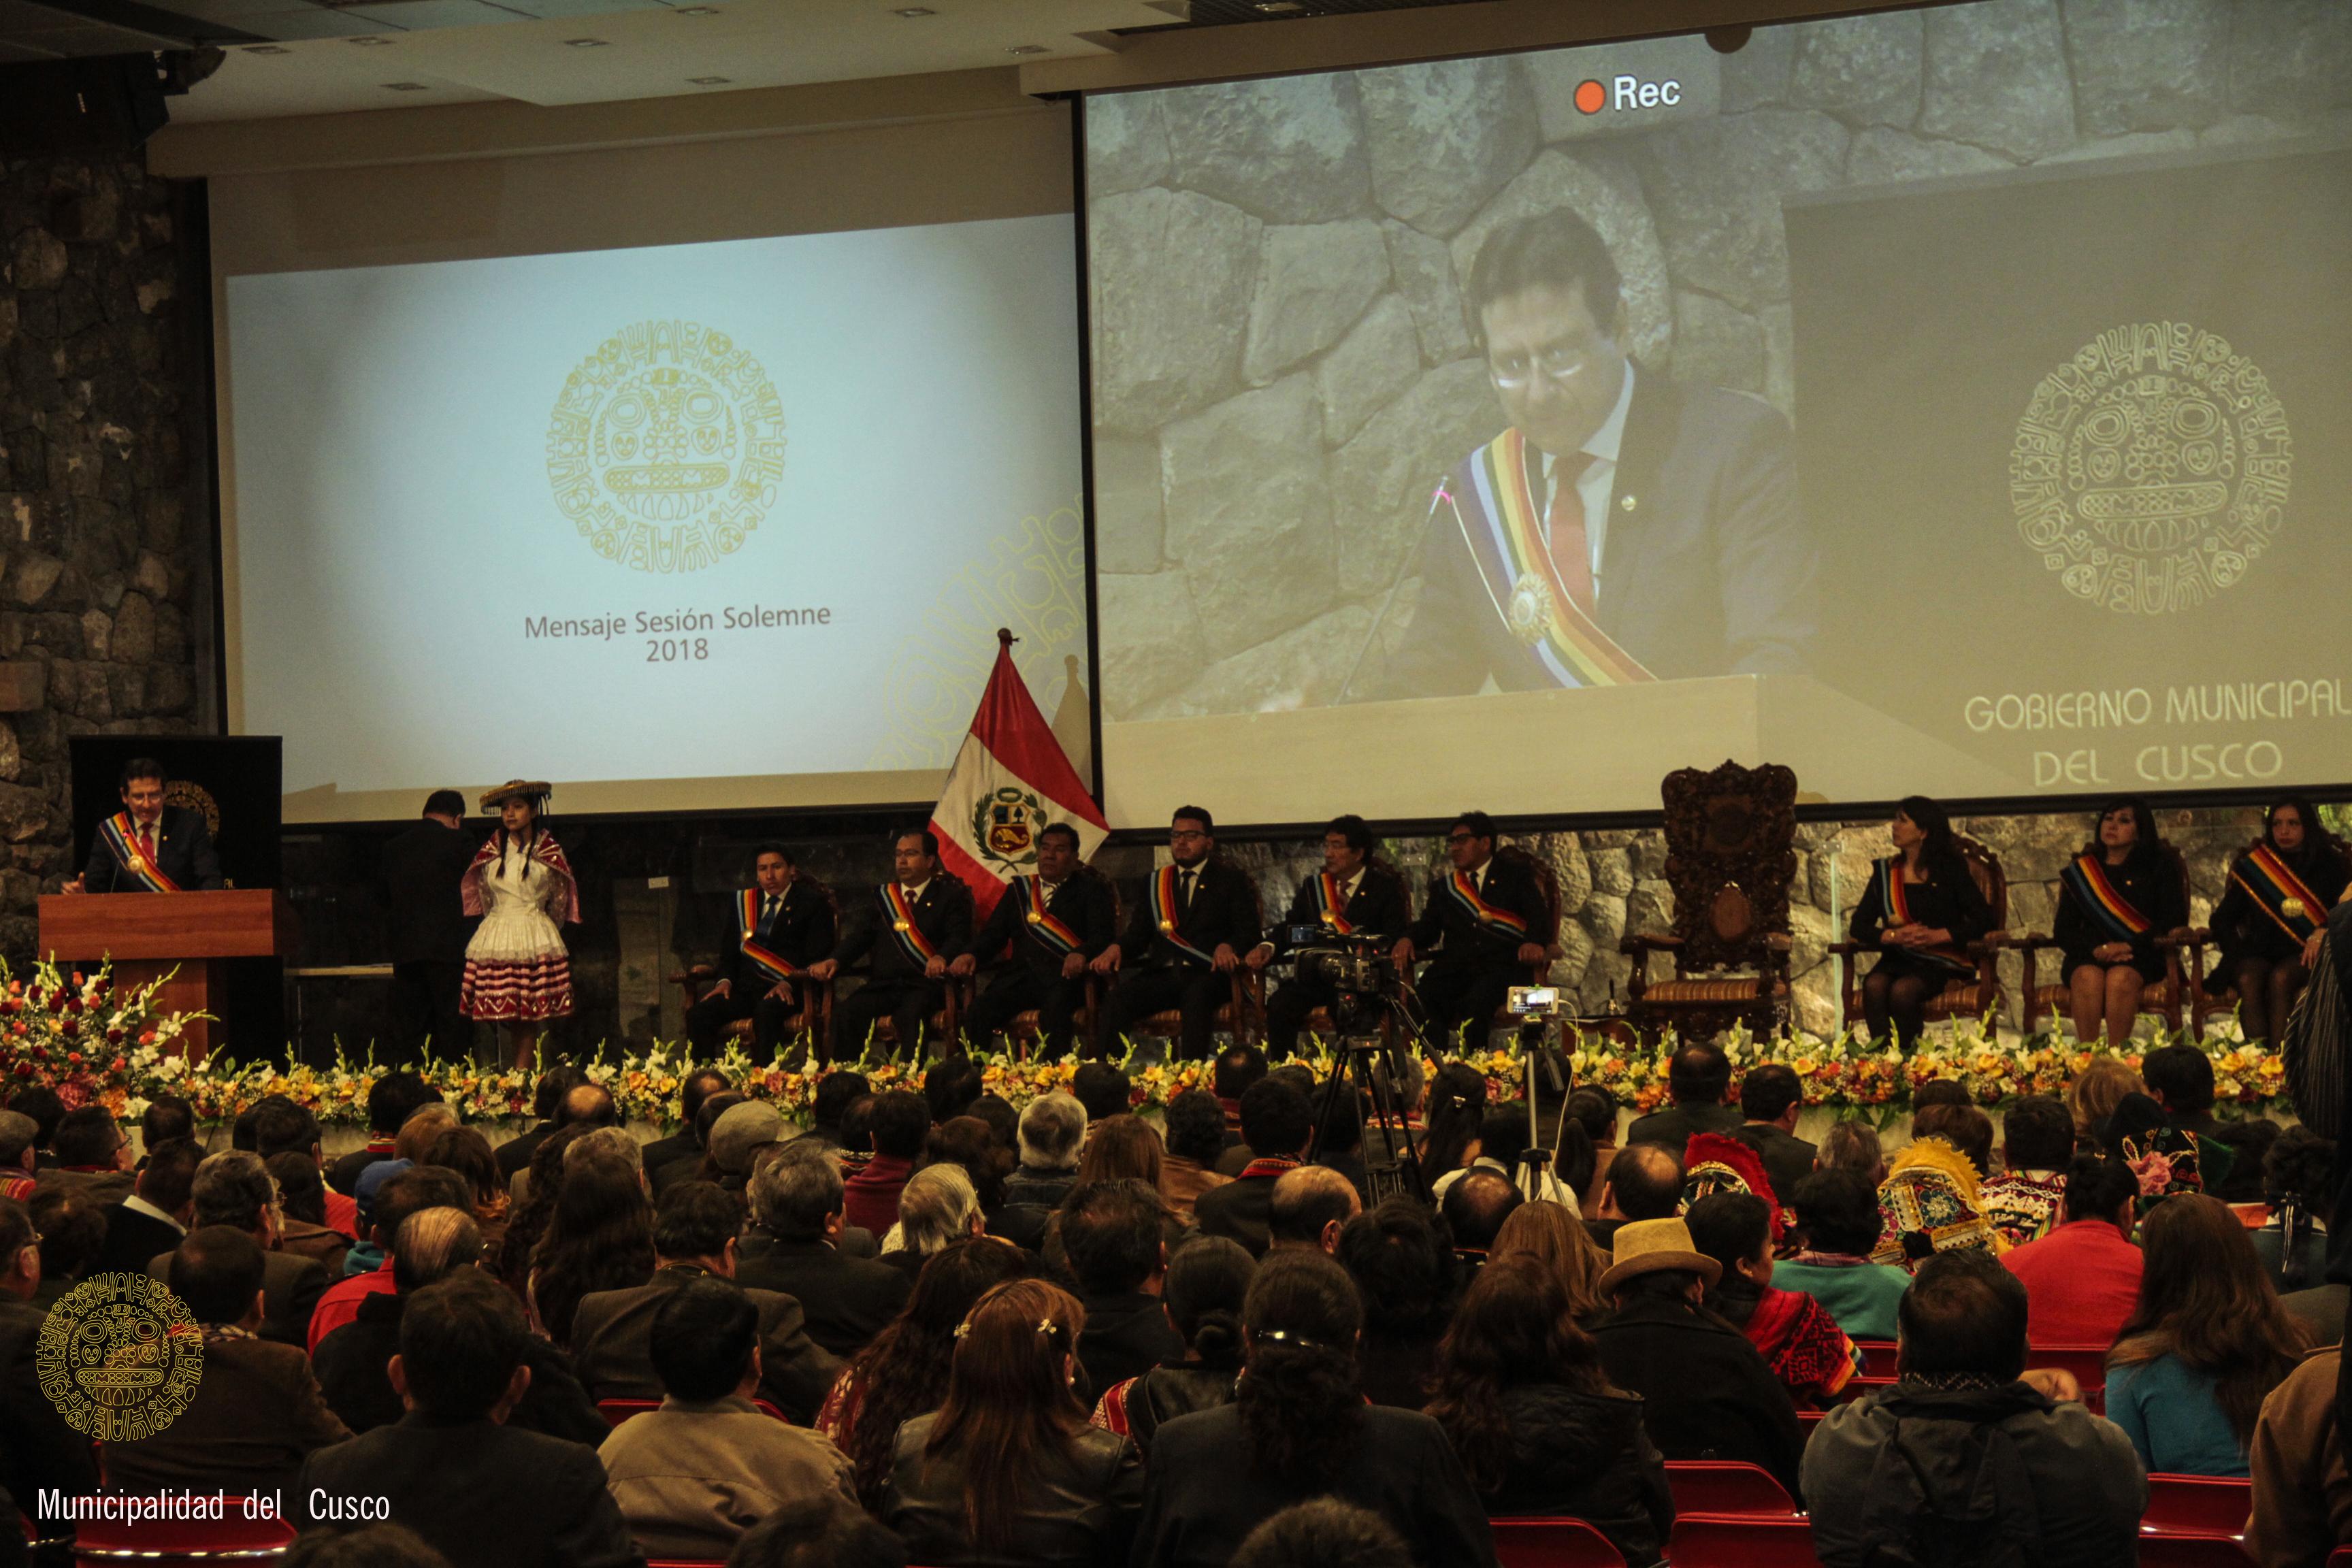 MUNICIPALIDAD  PROVINCIAL DEL CUSCO RINDIÓ  HOMENAJE A LA CIUDAD IMPERIAL  EN SESIÓN SOLEMNE